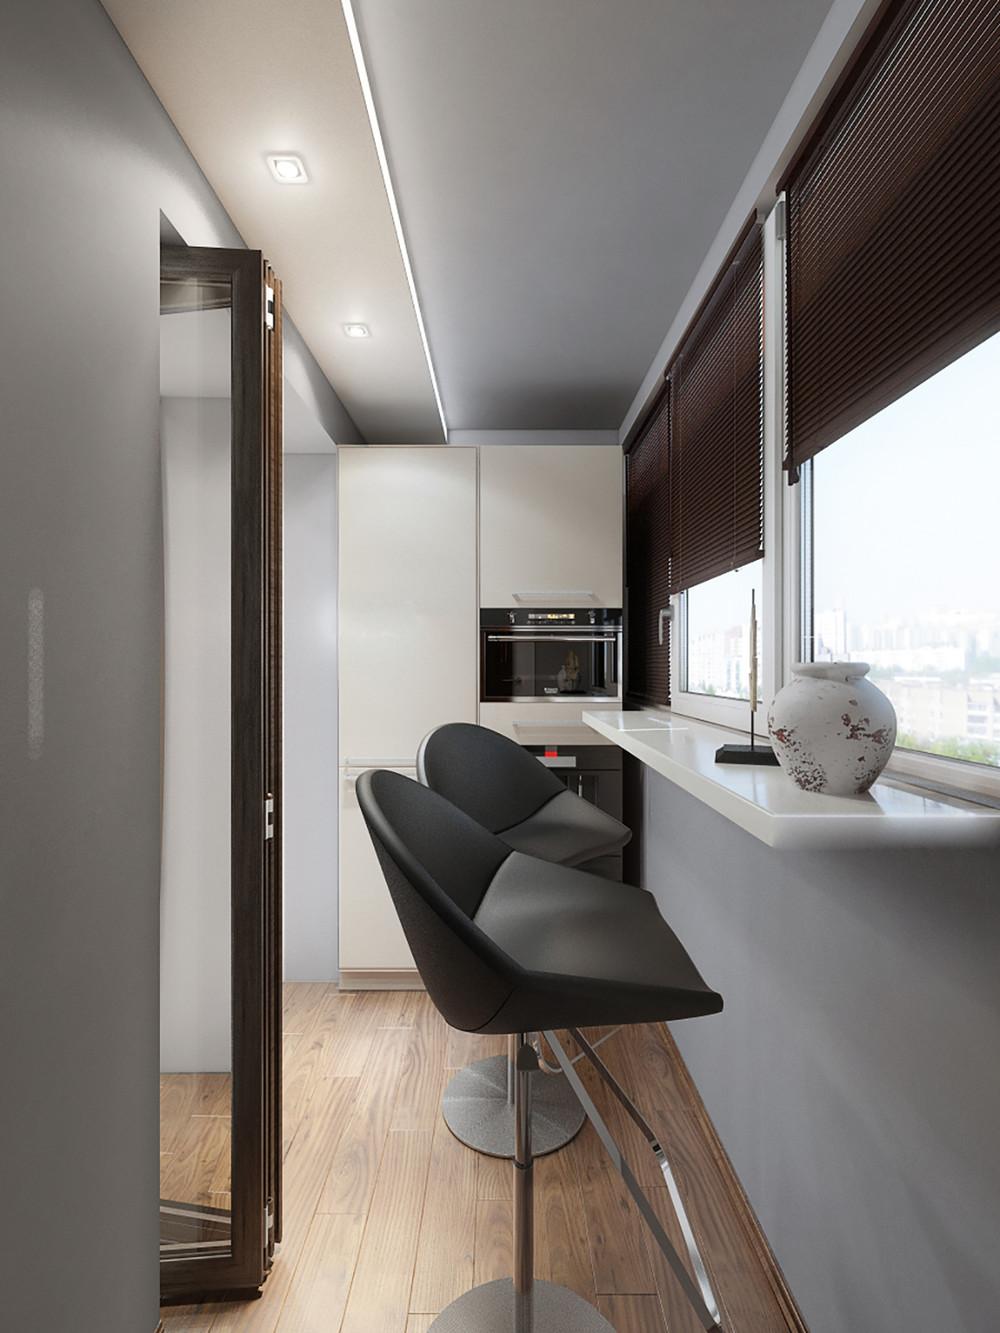 dvustaen-apartament-s-moderen-i-praktichen-interior-v-moskva-58-m-9